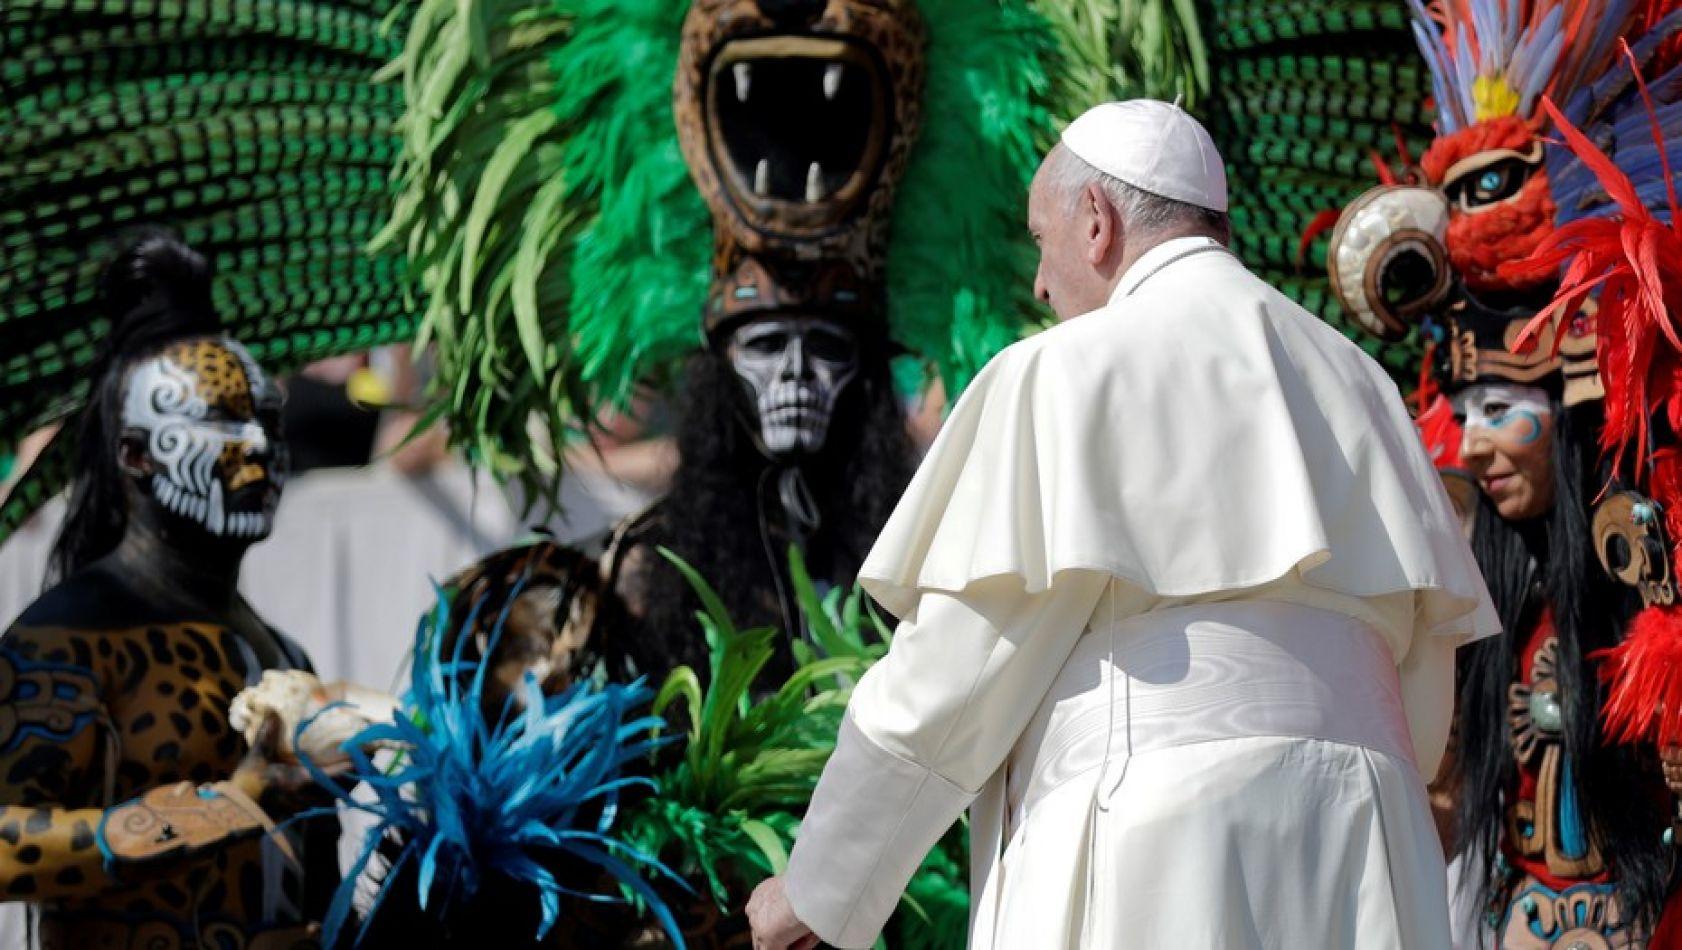 El Papa Francisco saluda a un grupo de mexicanos con ropas tradicionales, este miércoles en el Vaticano.